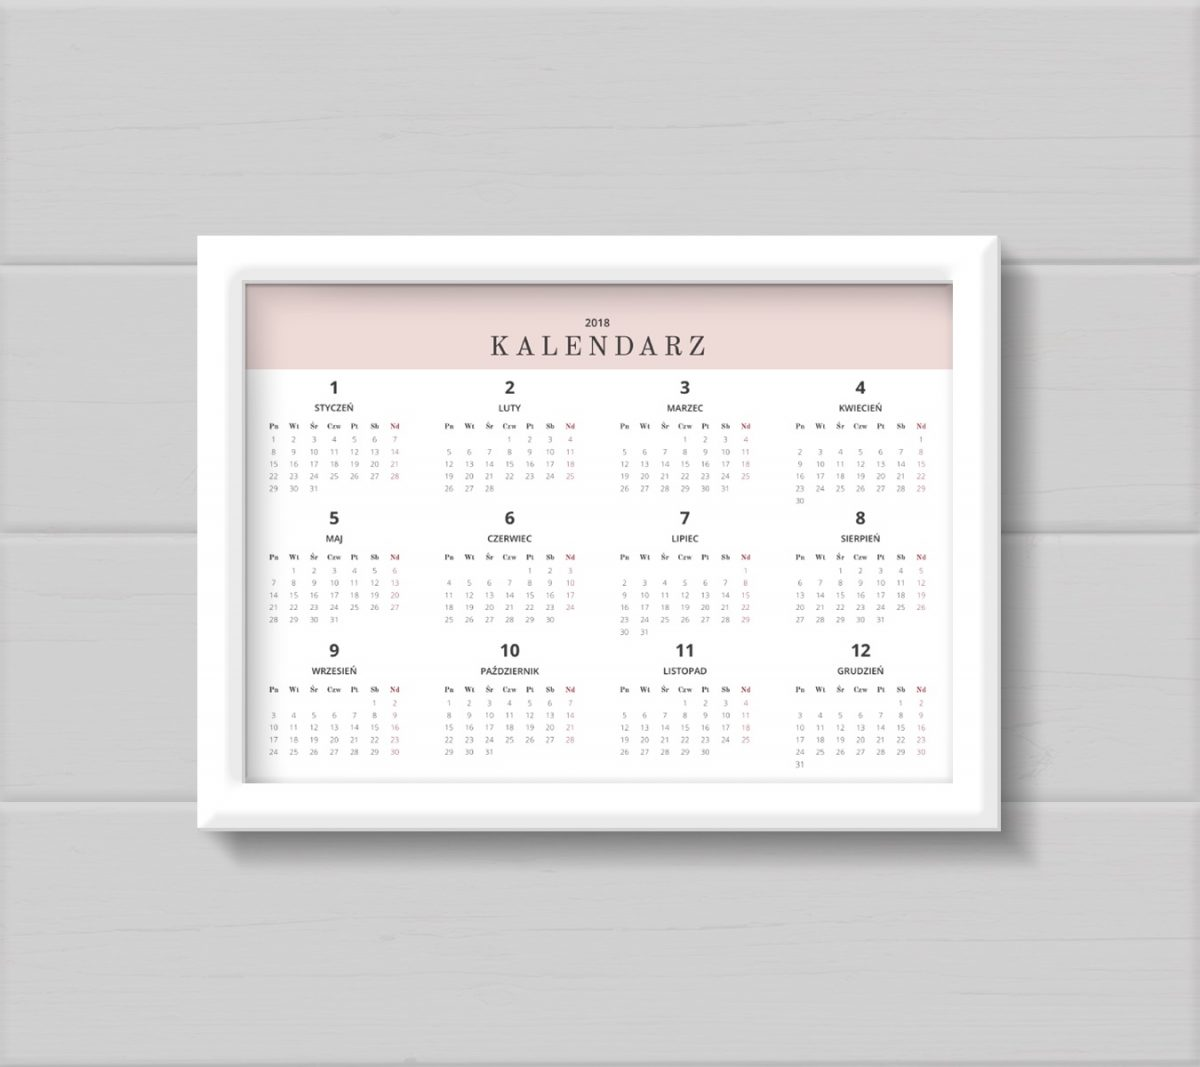 kalendarz 2018 planer miesięczny do druku pdf